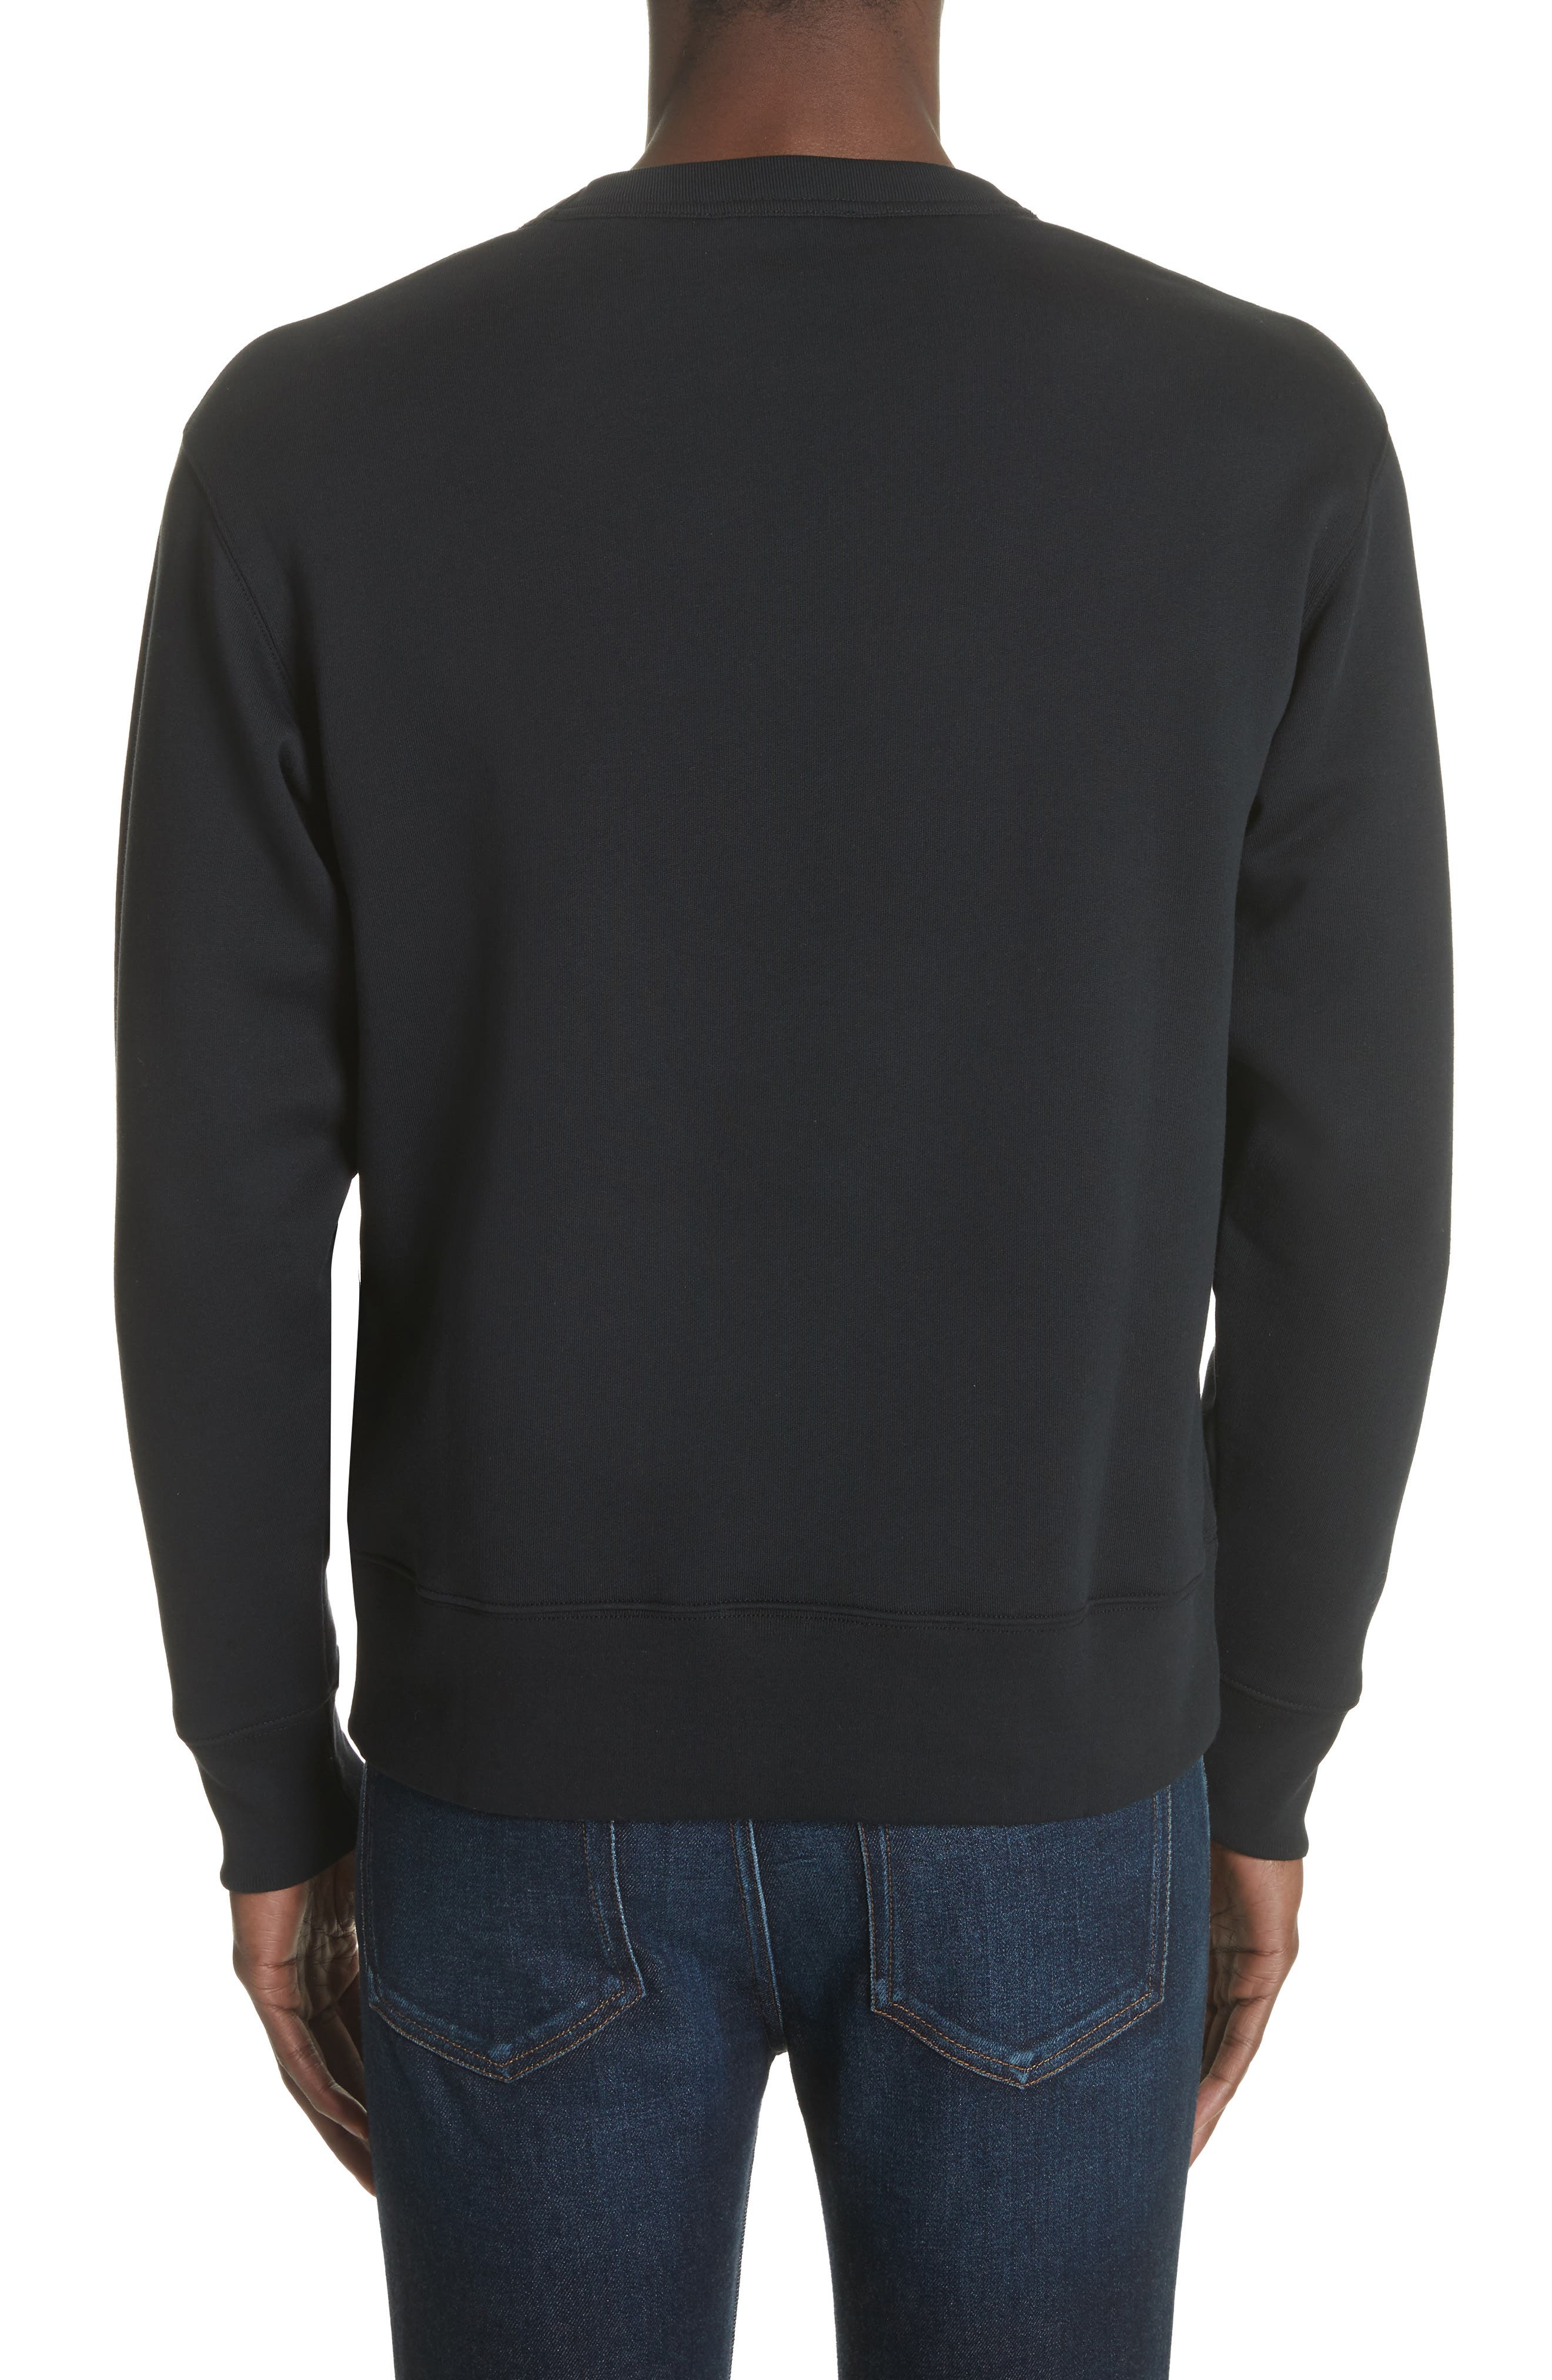 Fairview Face Crewneck Sweatshirt,                             Alternate thumbnail 2, color,                             Black